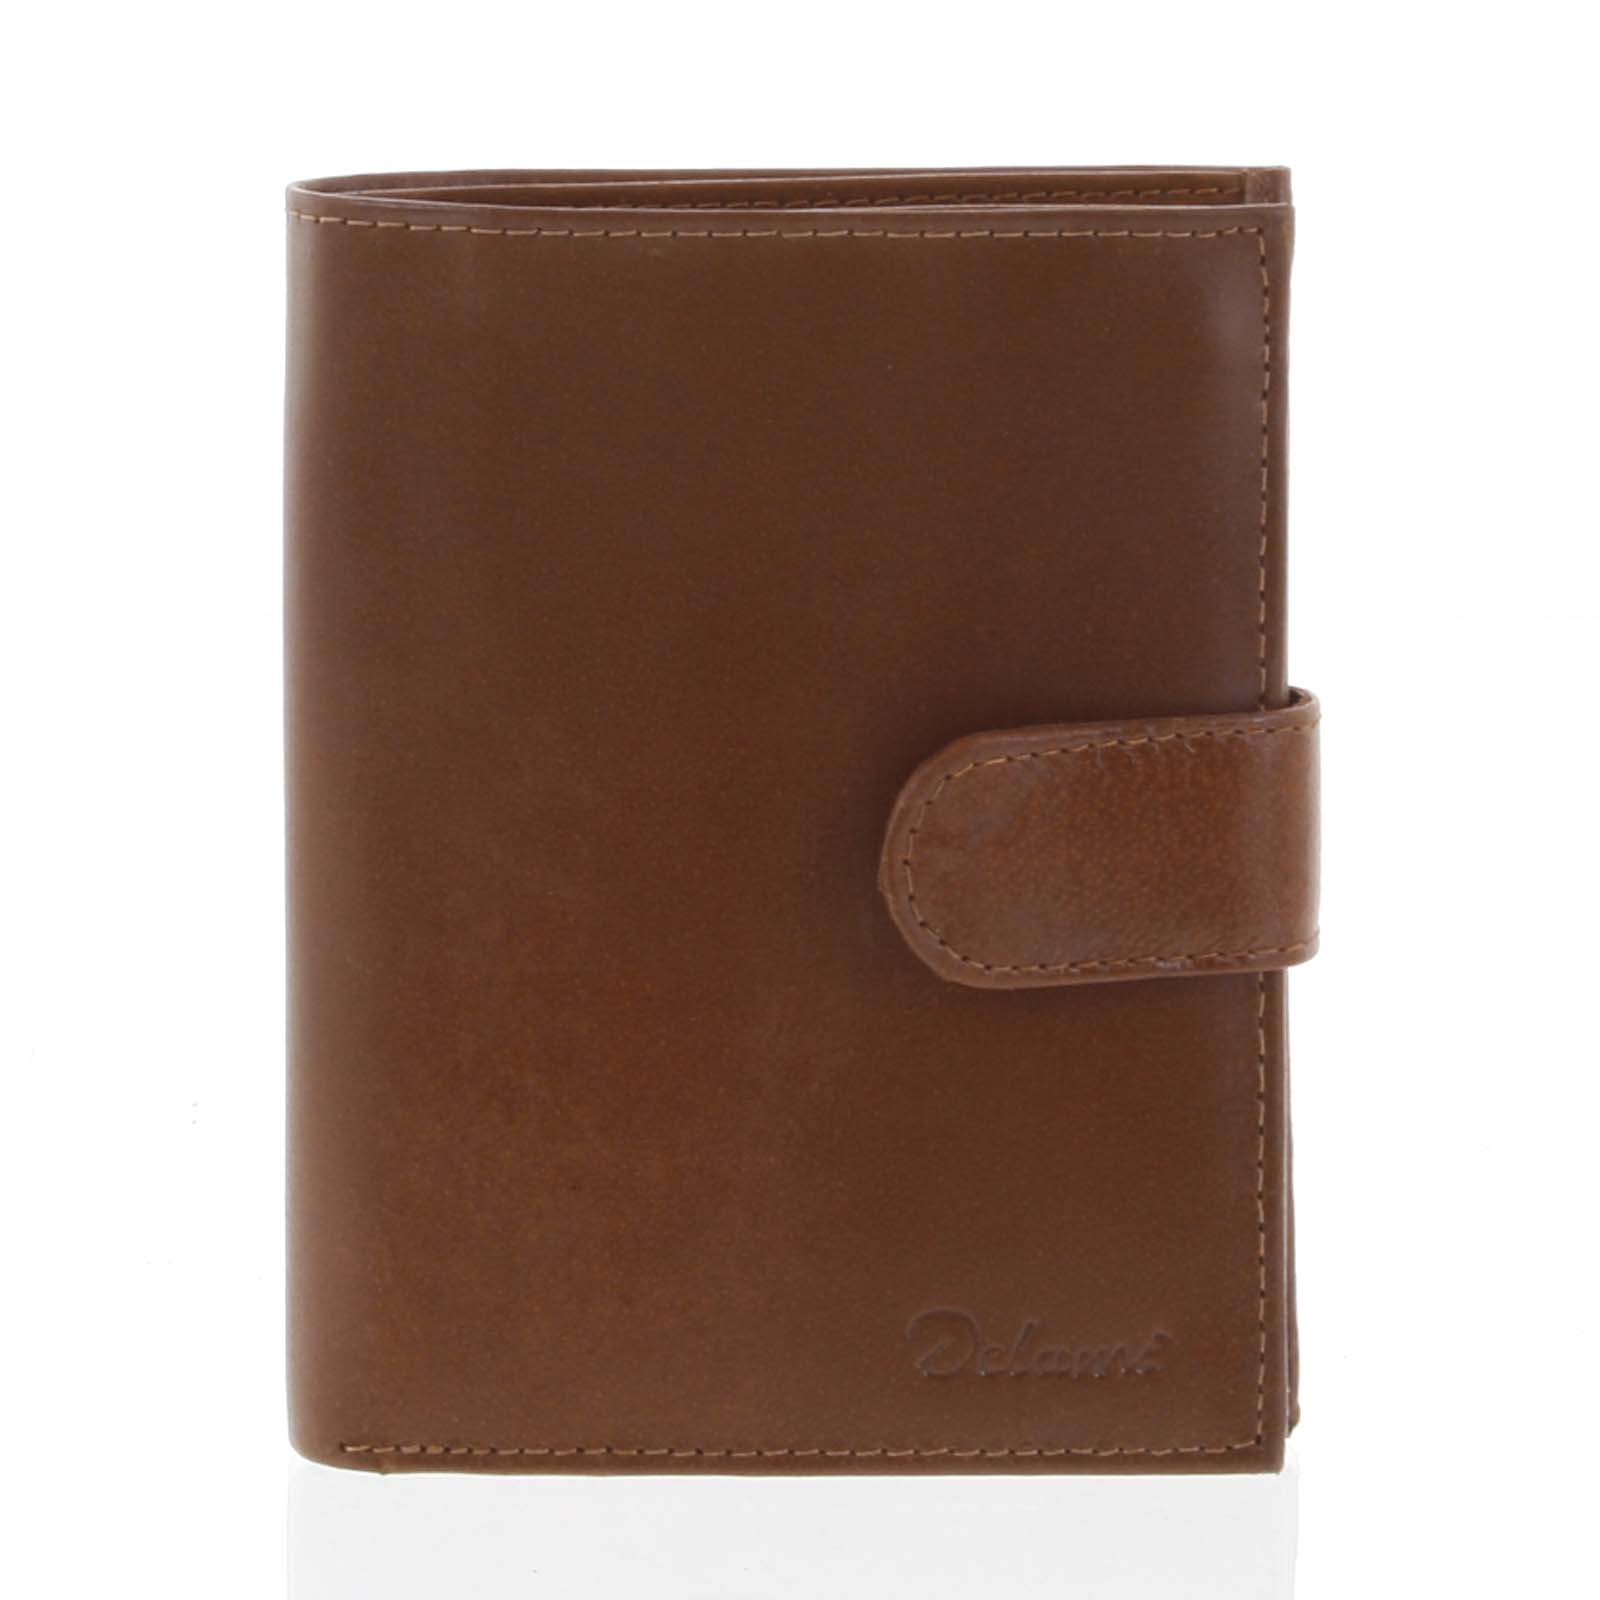 Pánská kožená světle hnědá peněženka se zápinkou - Delami Lunivers